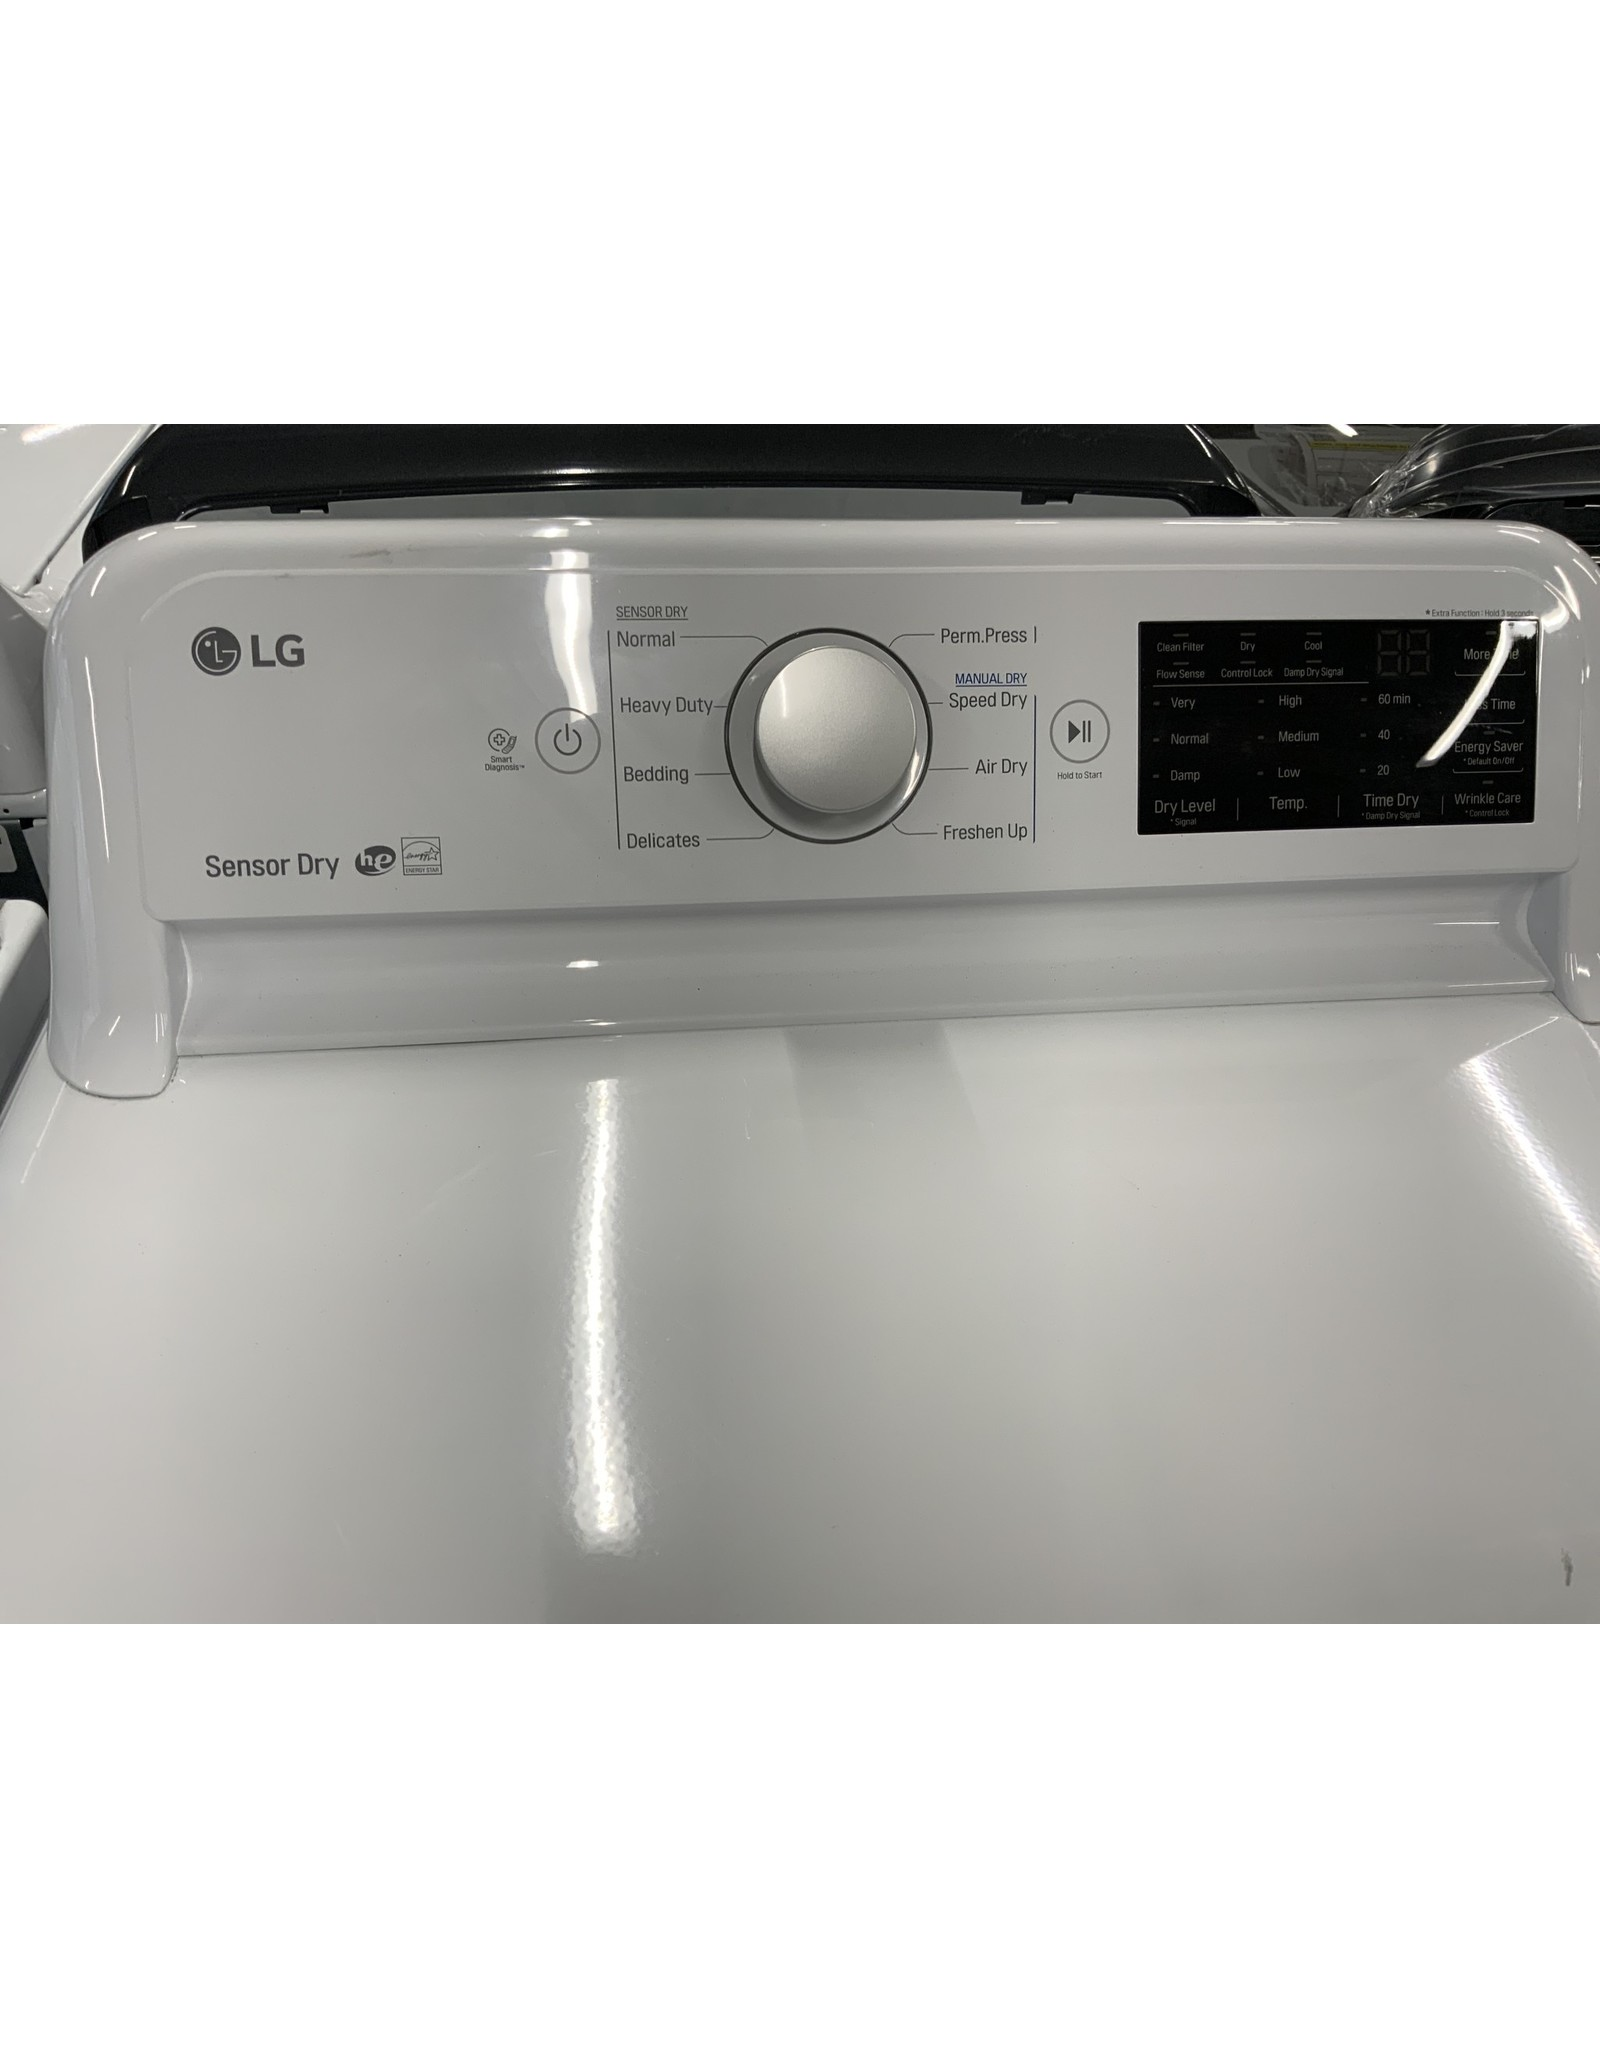 LG DLG7101W 7.3 cu.ft. High Efficiency